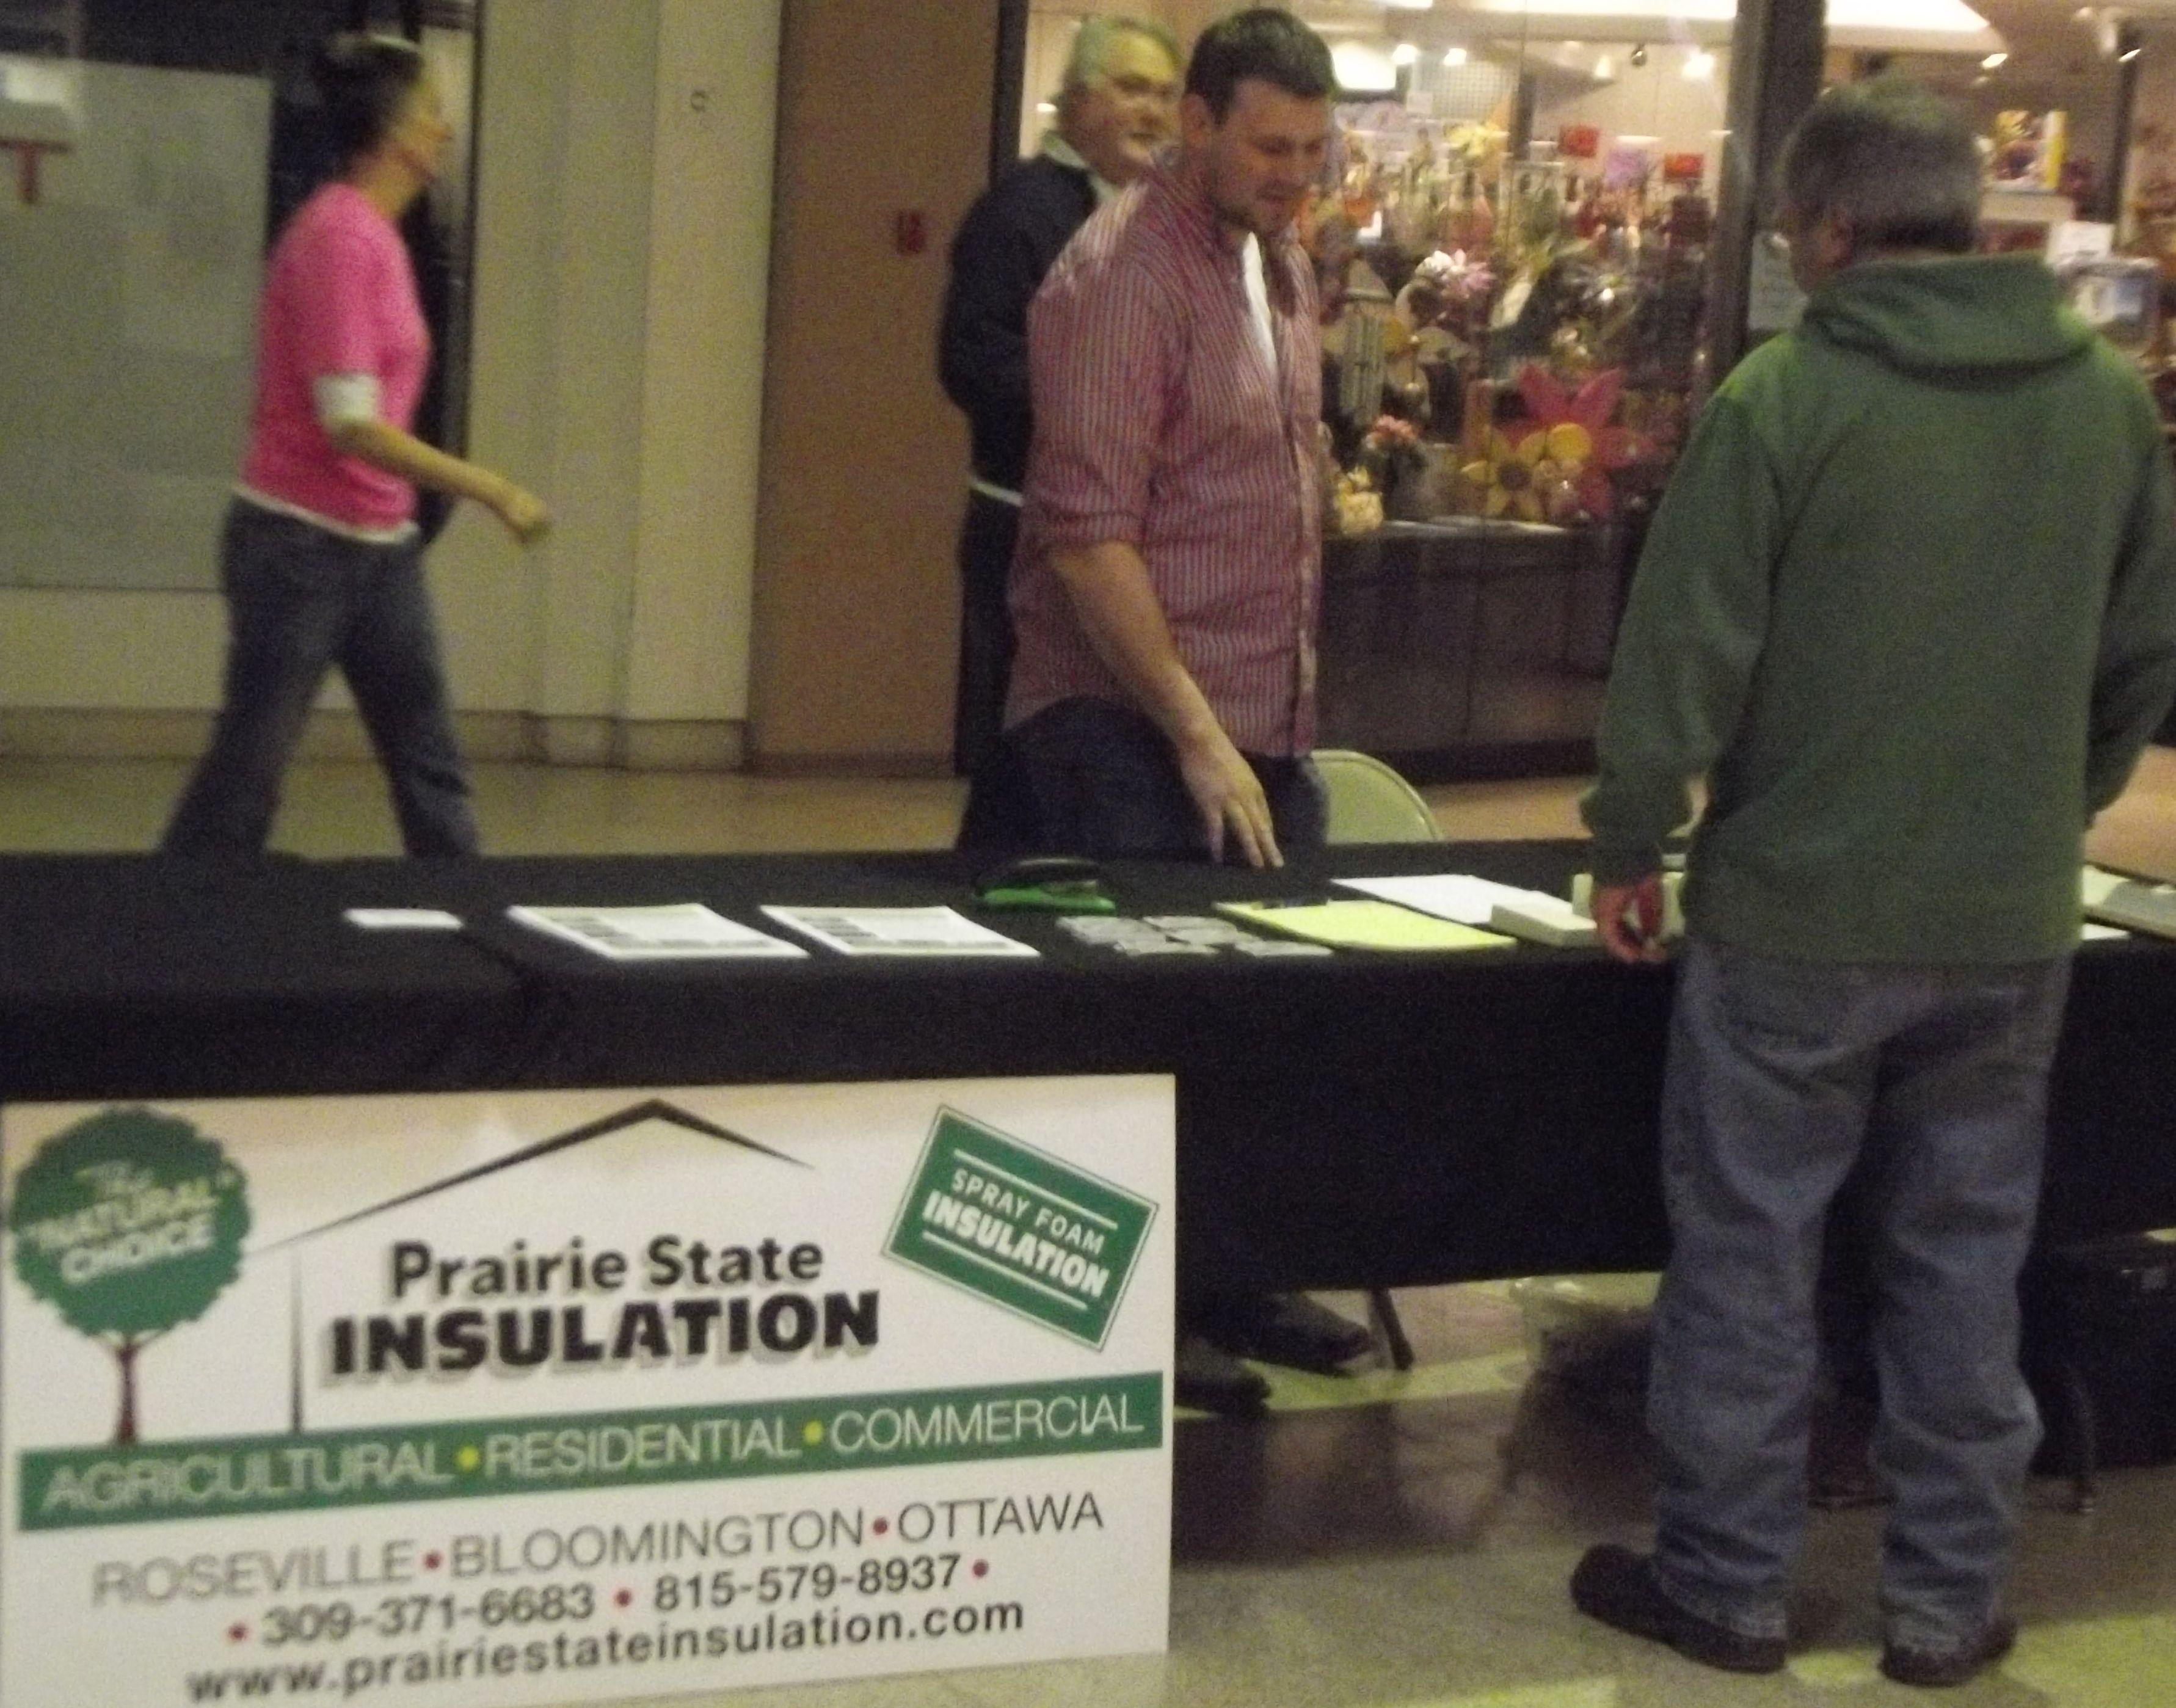 Prairie State Insulation 309 371 6683 Galesburg Insulation Roseville